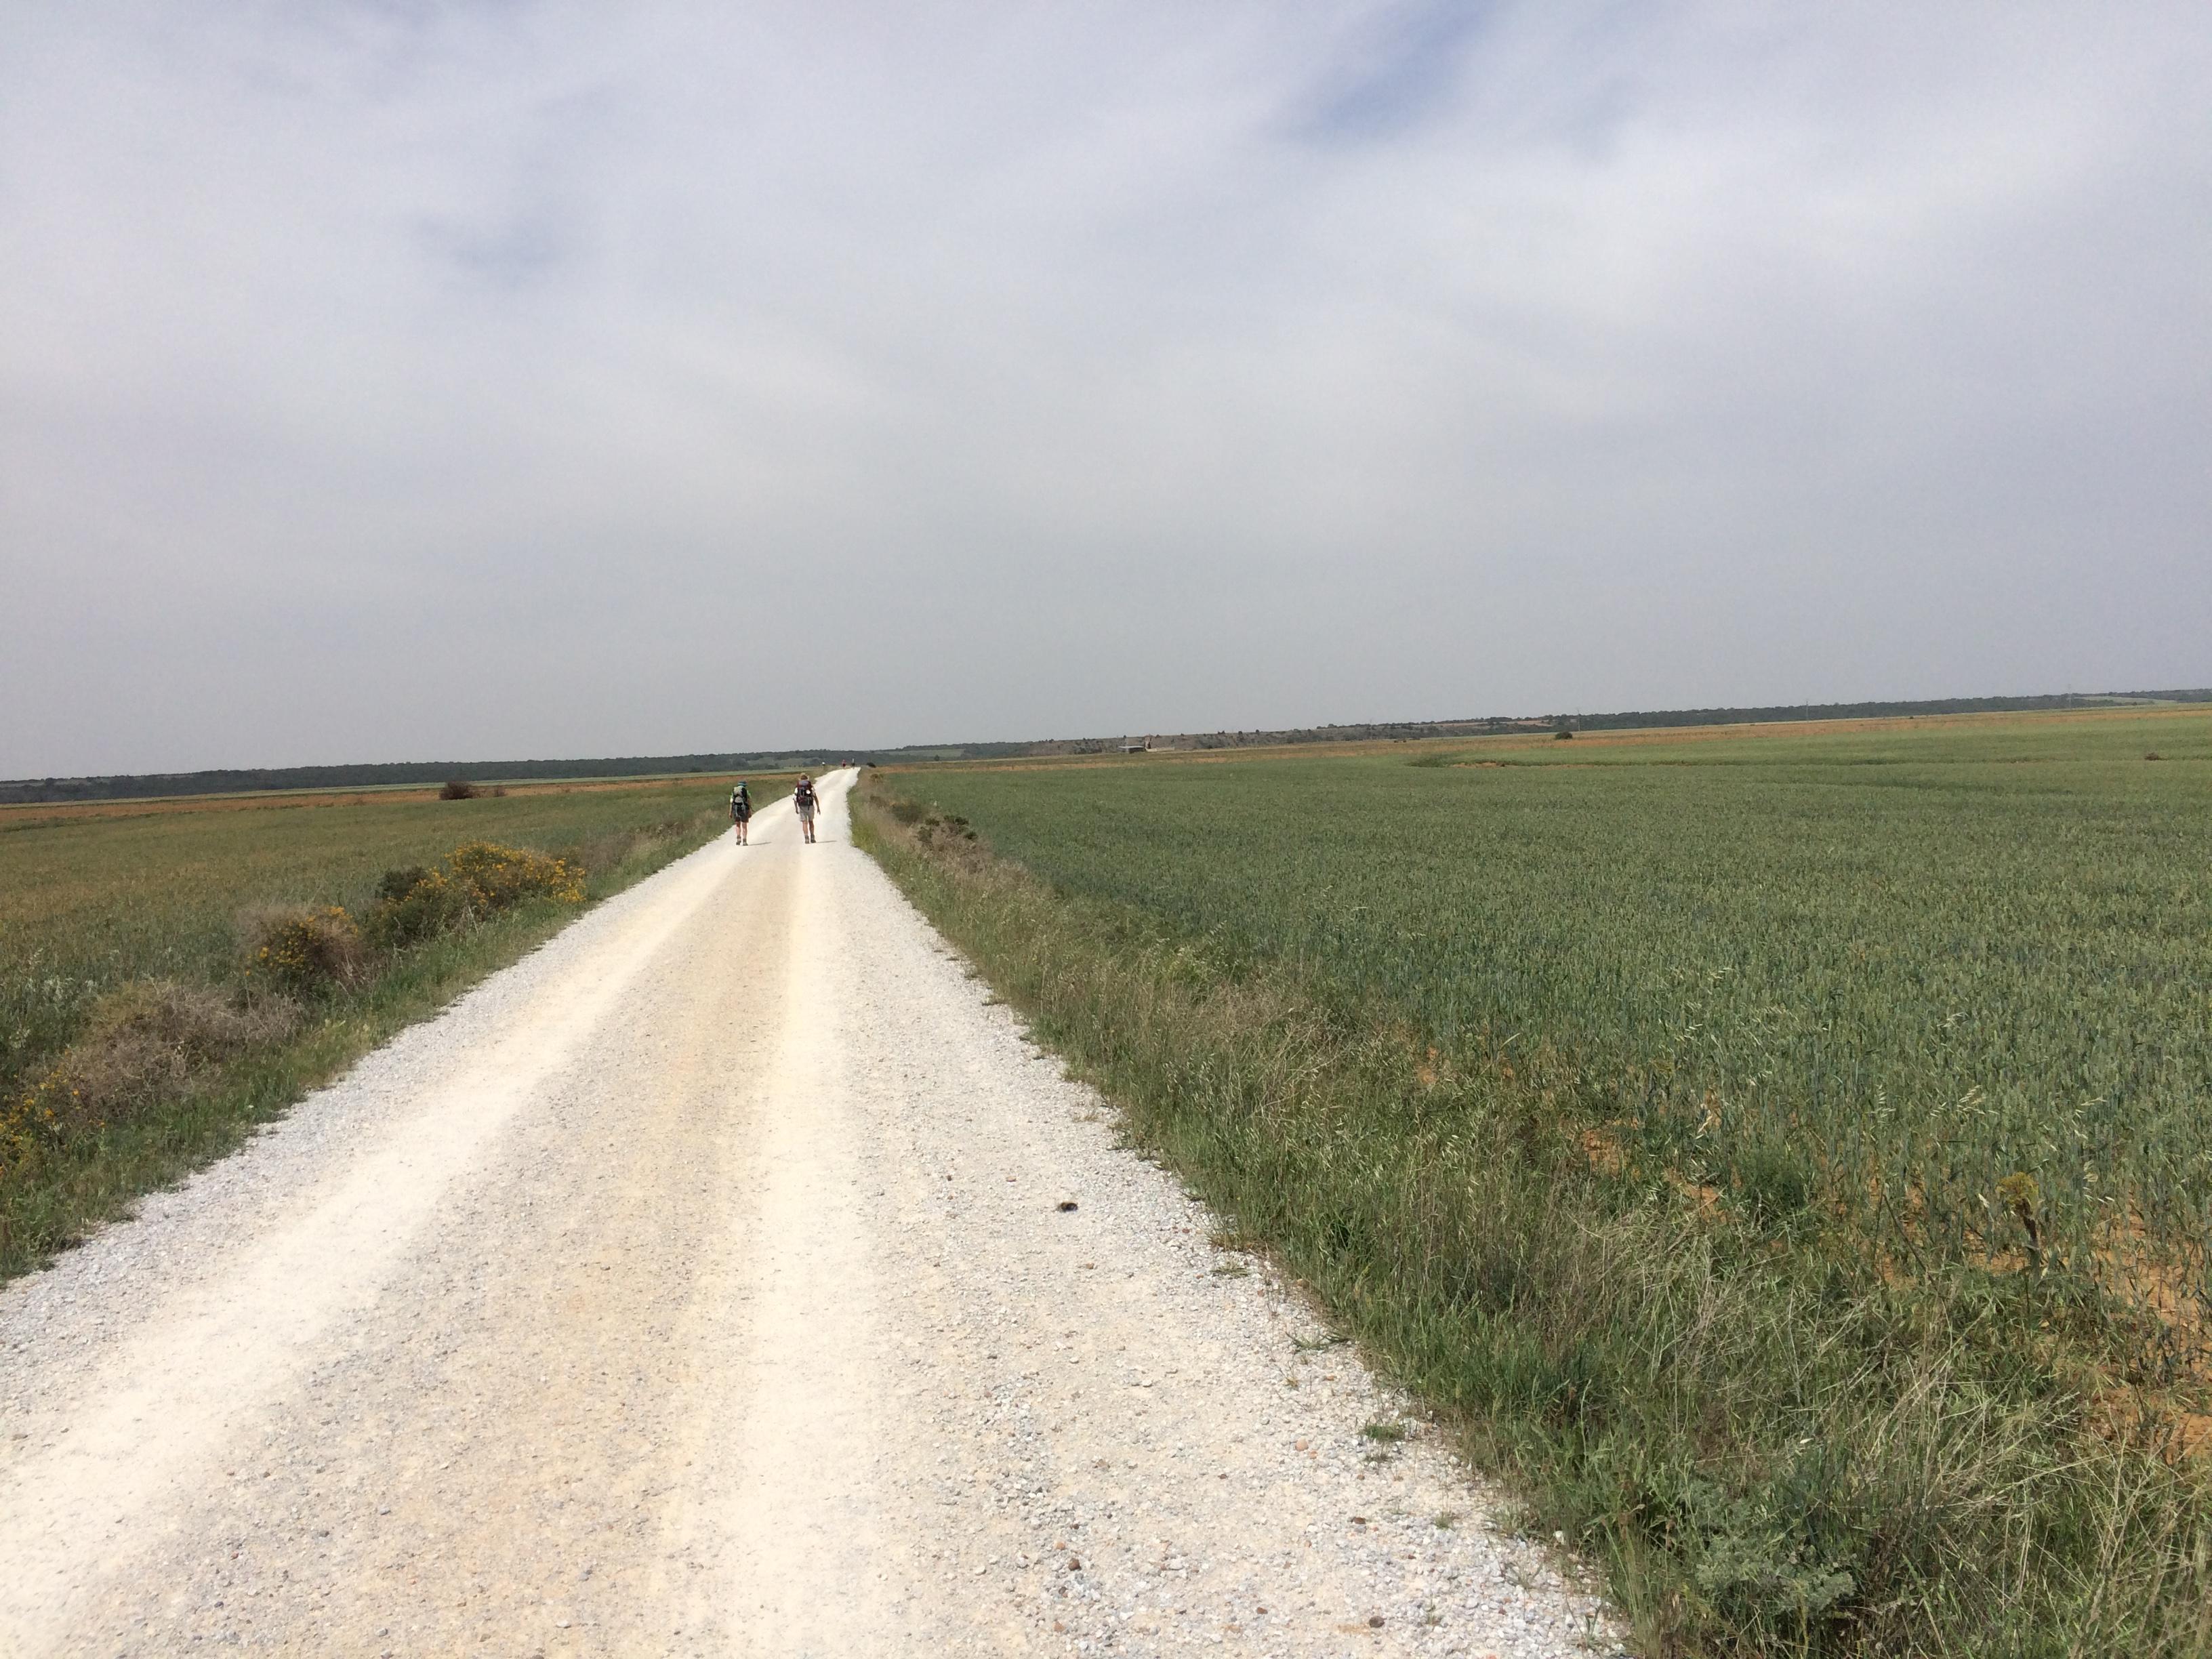 Day 23 - Carrión de los Condes to Calzadilla de la Cueza - May 27, 2017